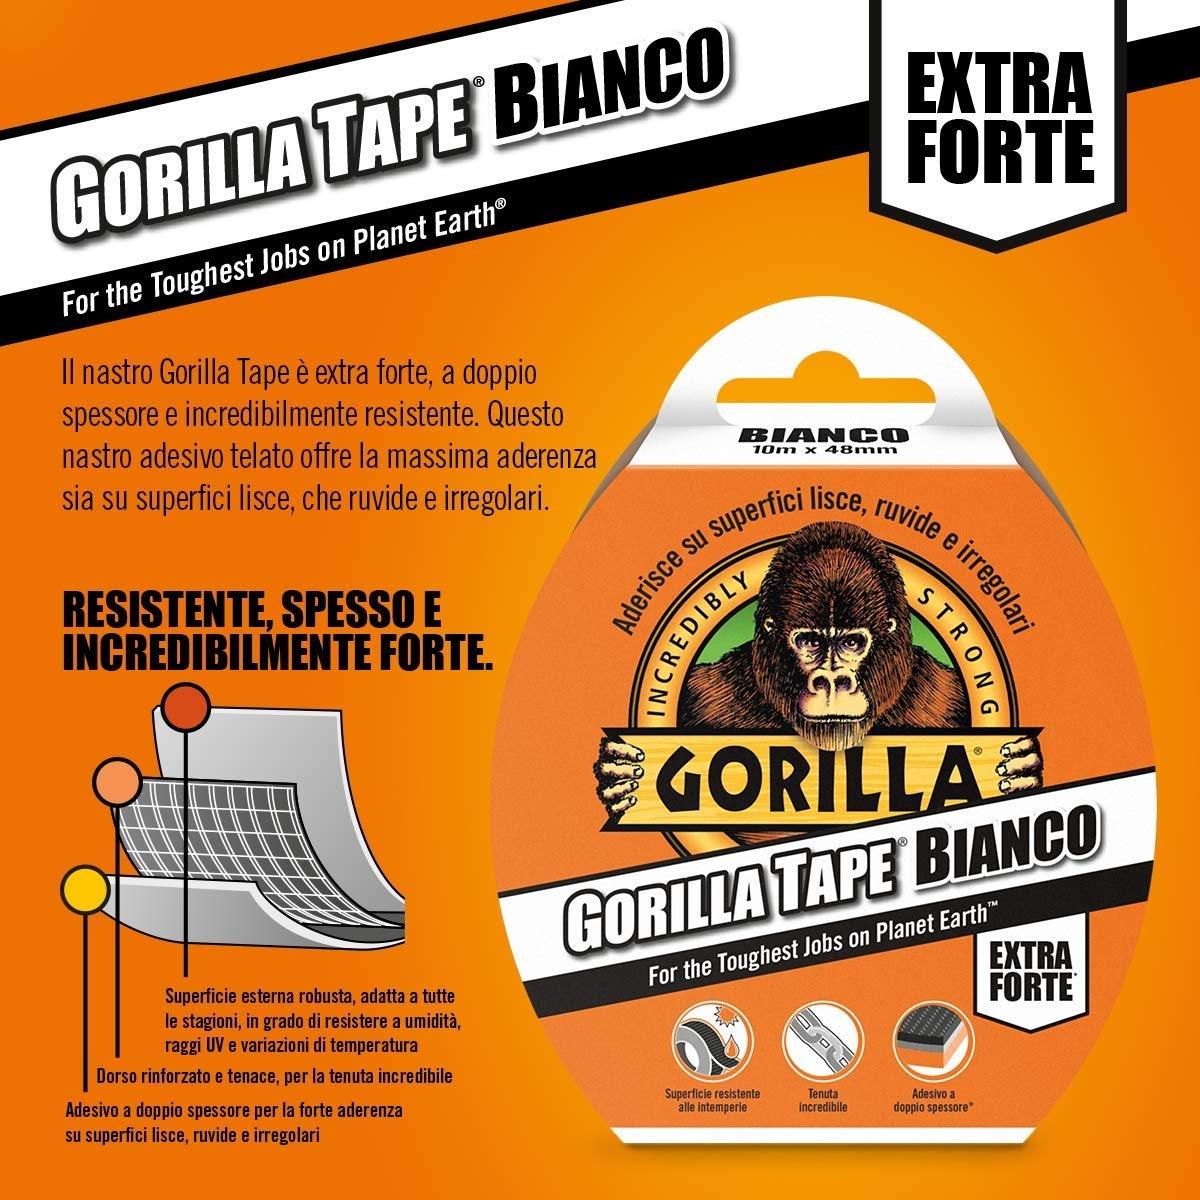 Nastro gorilla aderente a tutte le superfici colore Bianco - GORILLA